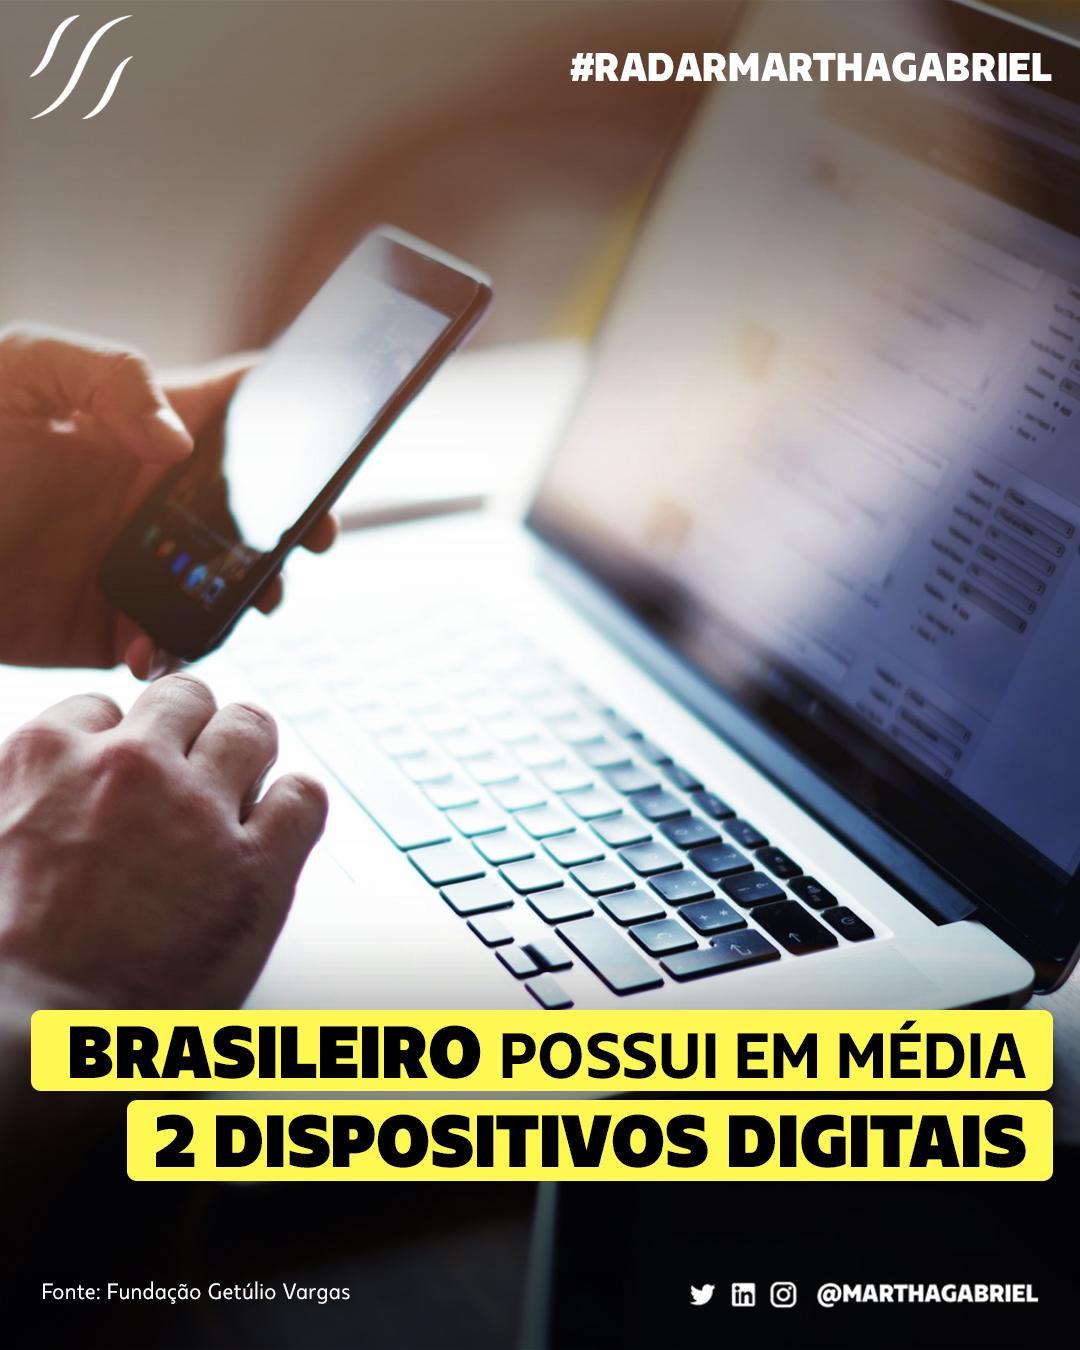 Brasileiro possui em média 2 dispositivos digitais